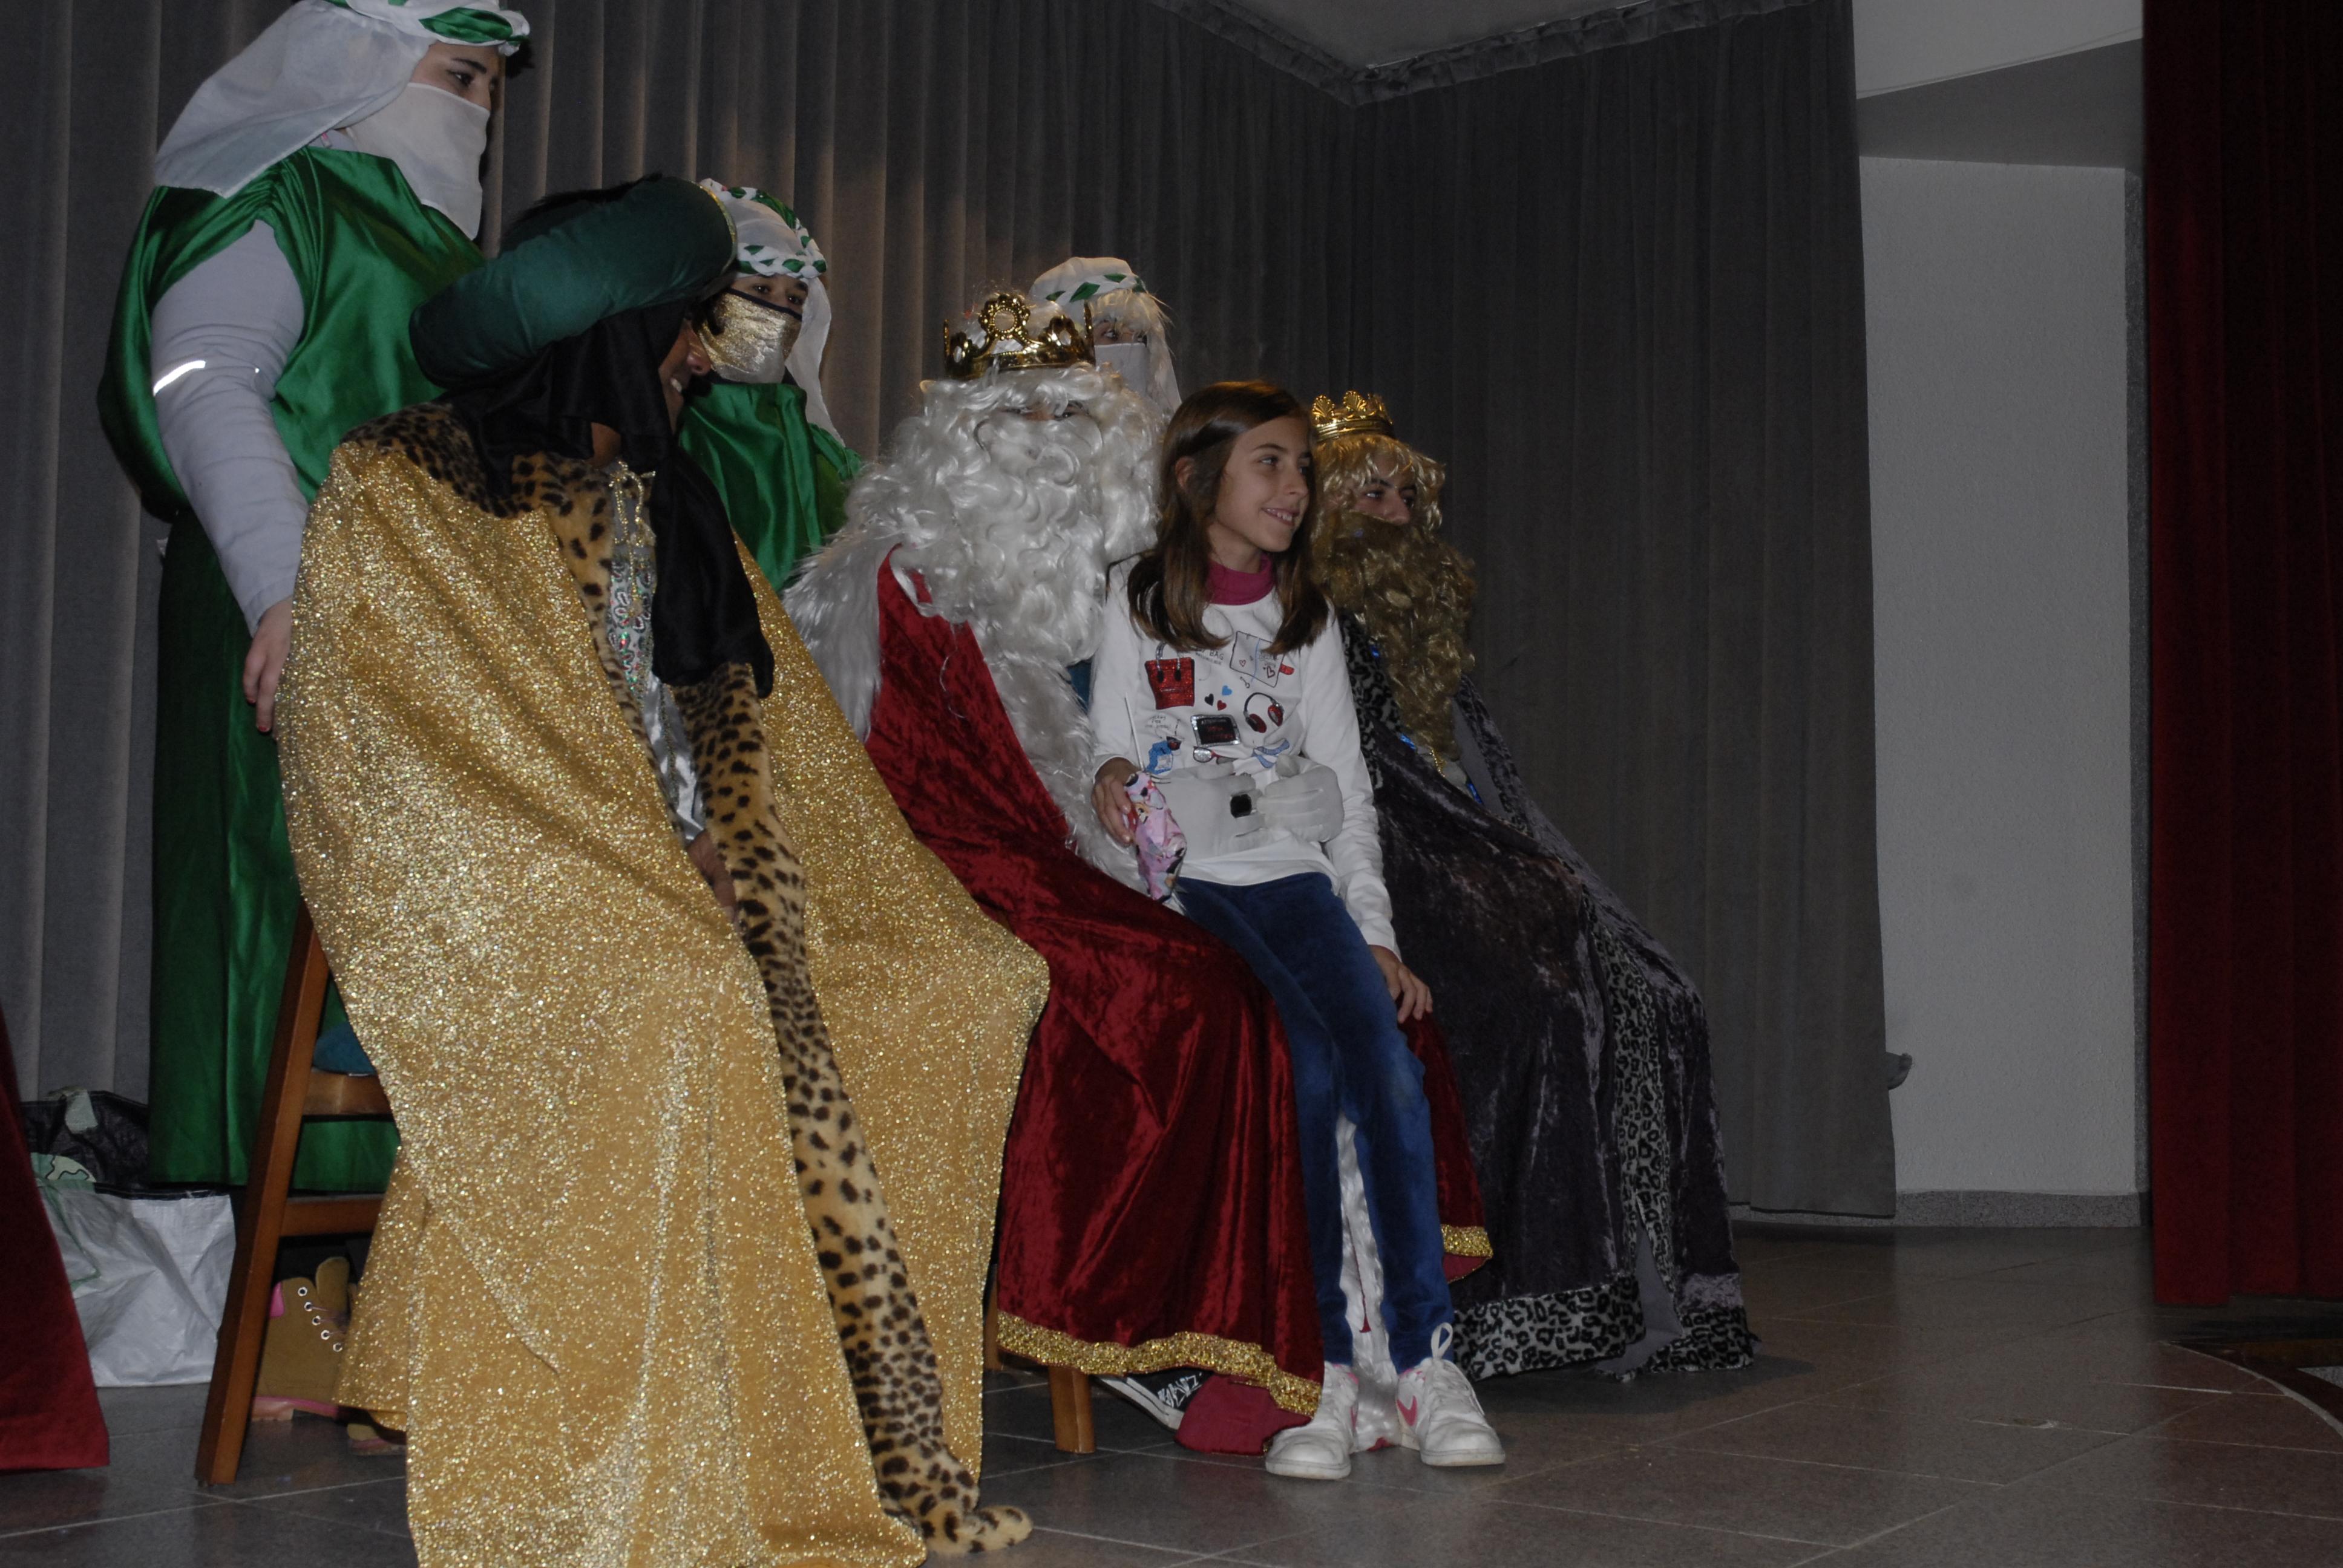 cabalgata-reyes-magos-2017-22